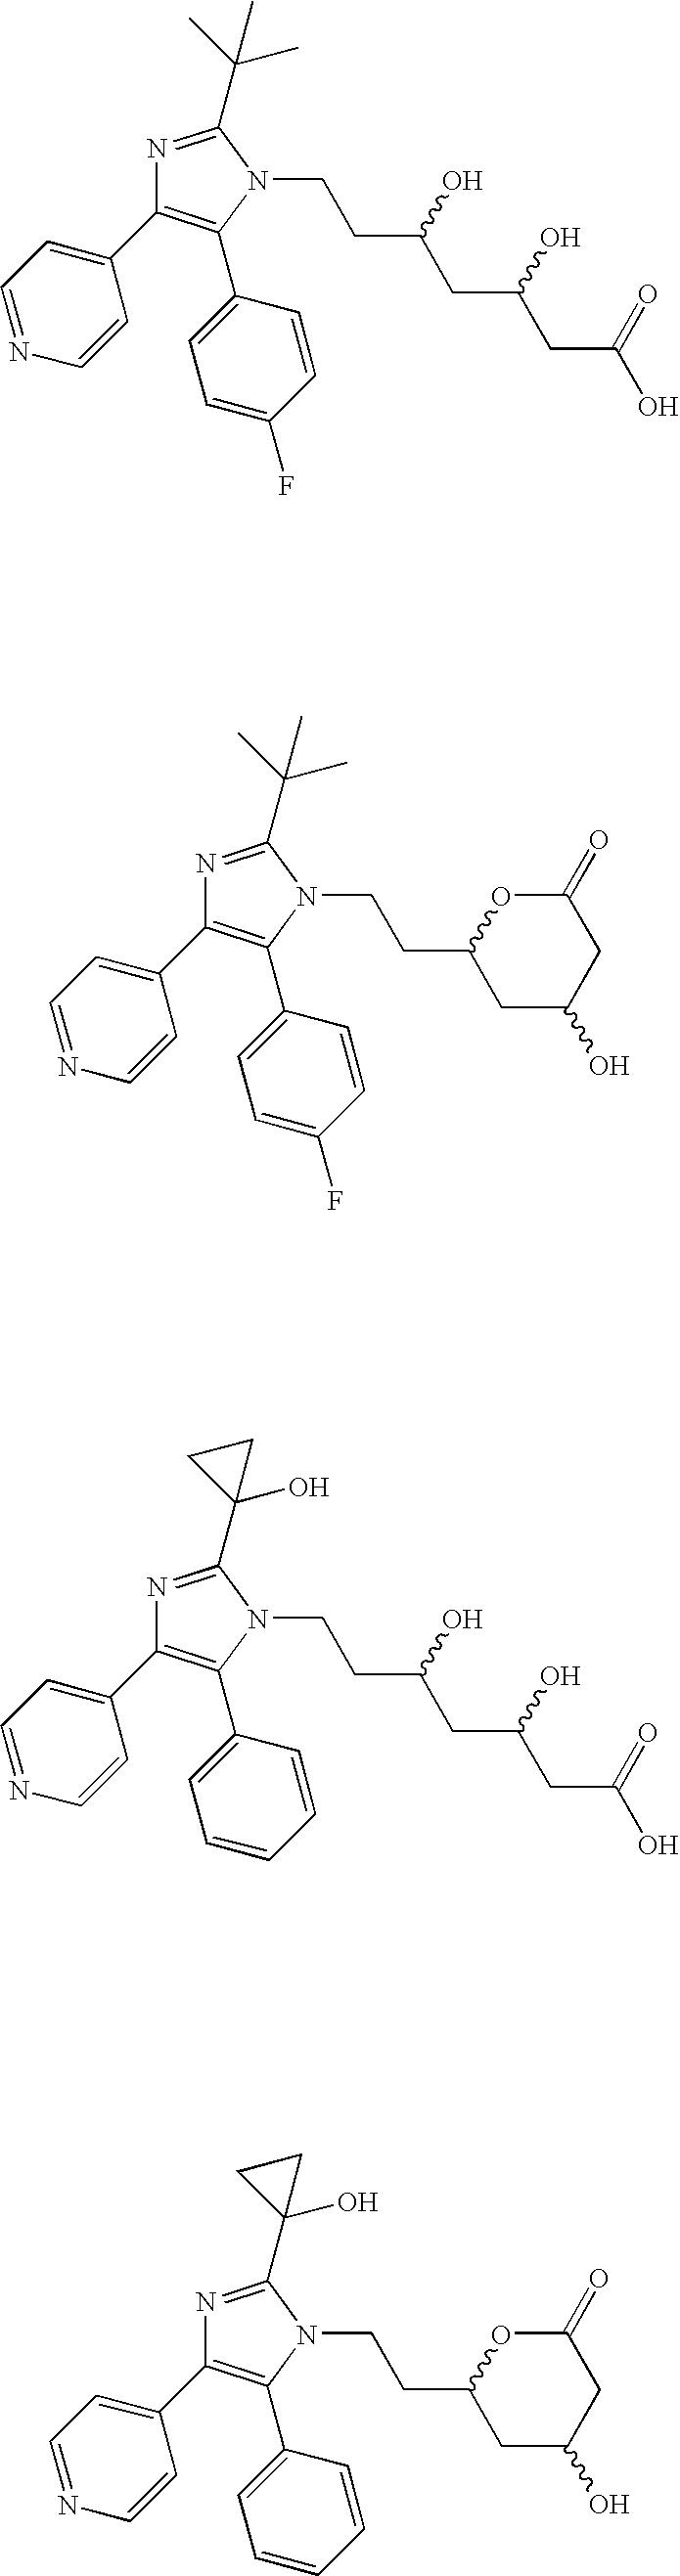 Figure US07183285-20070227-C00059